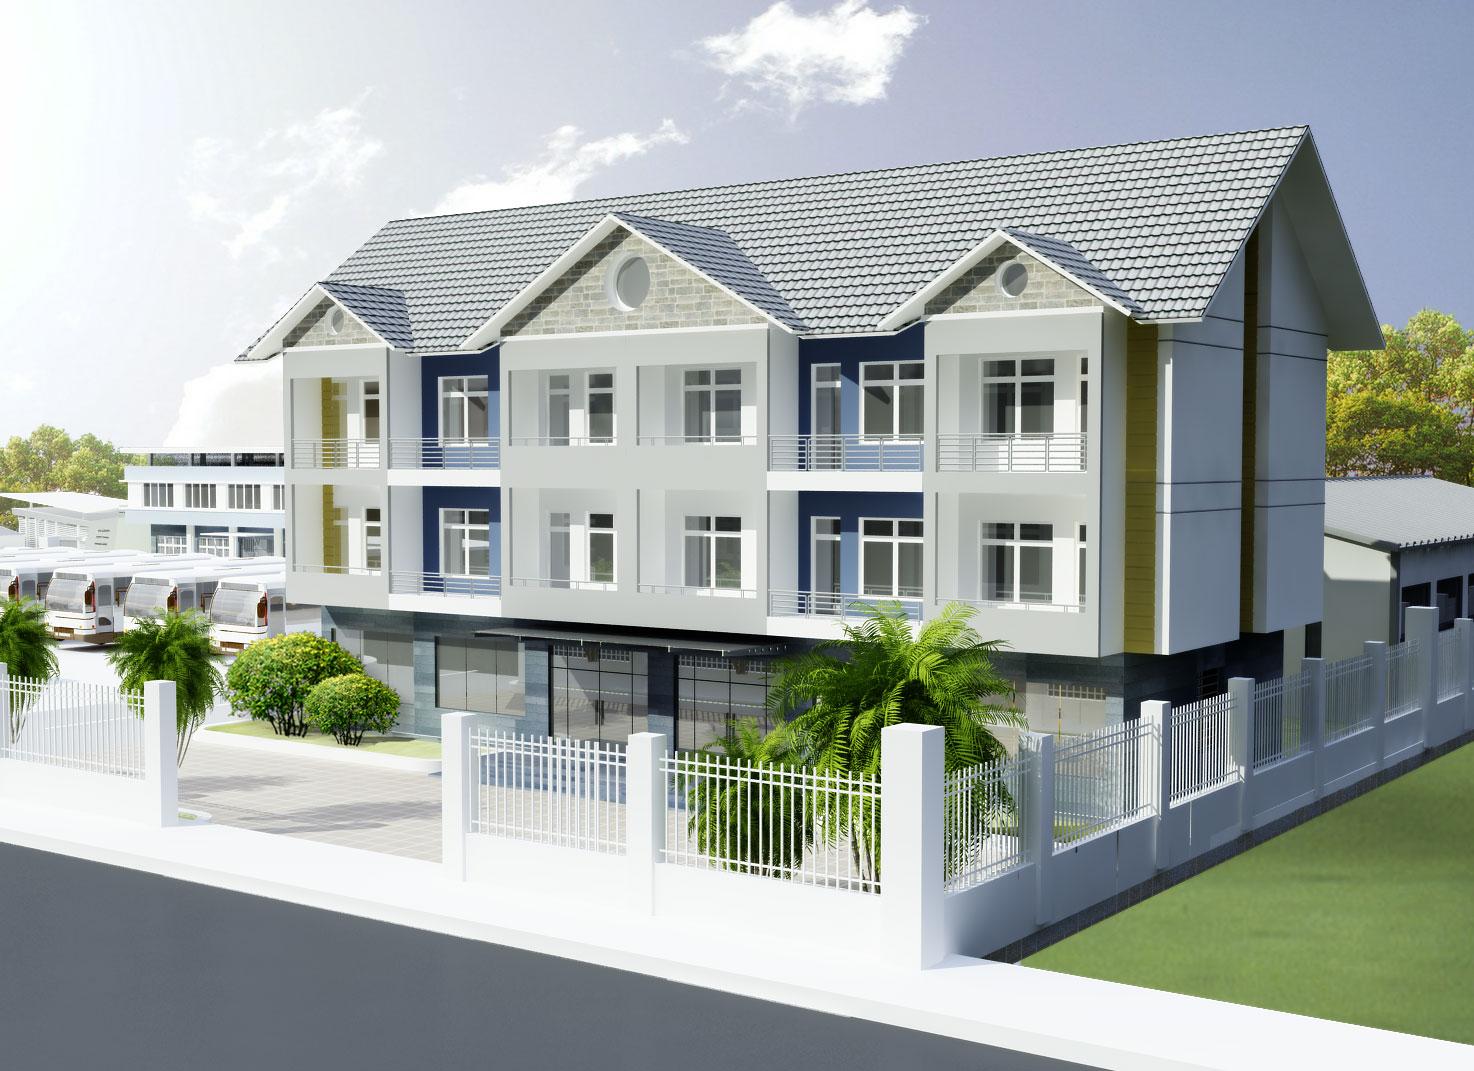 Thiết kế kiến trúc biệt thự phố, nội thất biệt thự phố